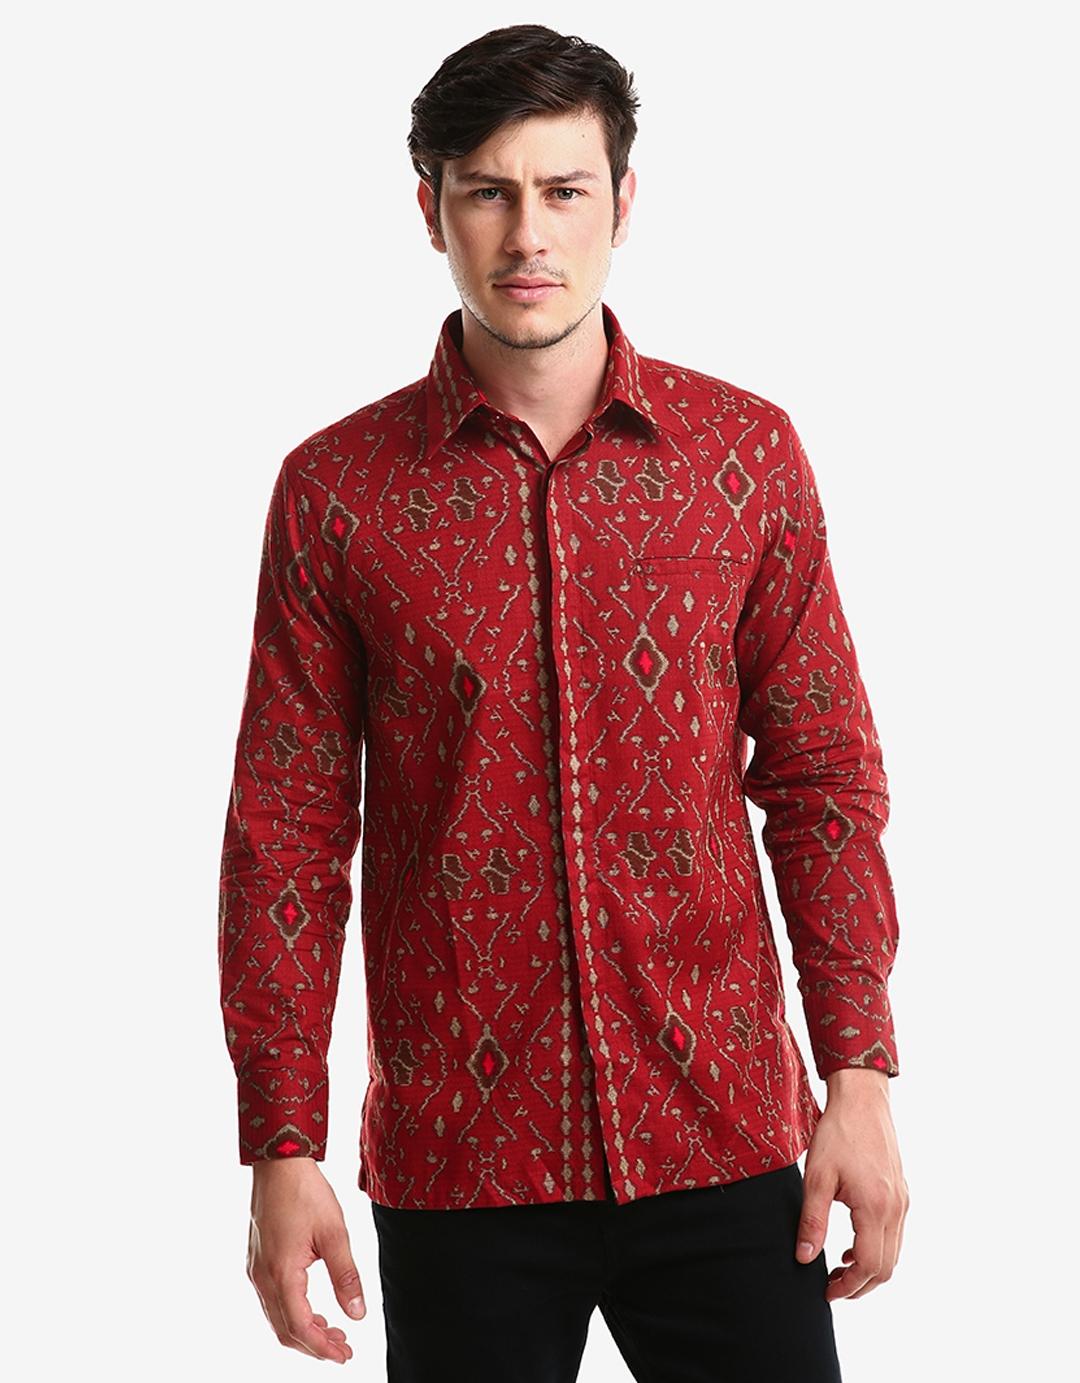 kemeja batik pria model gaul kombinasi polos lengan